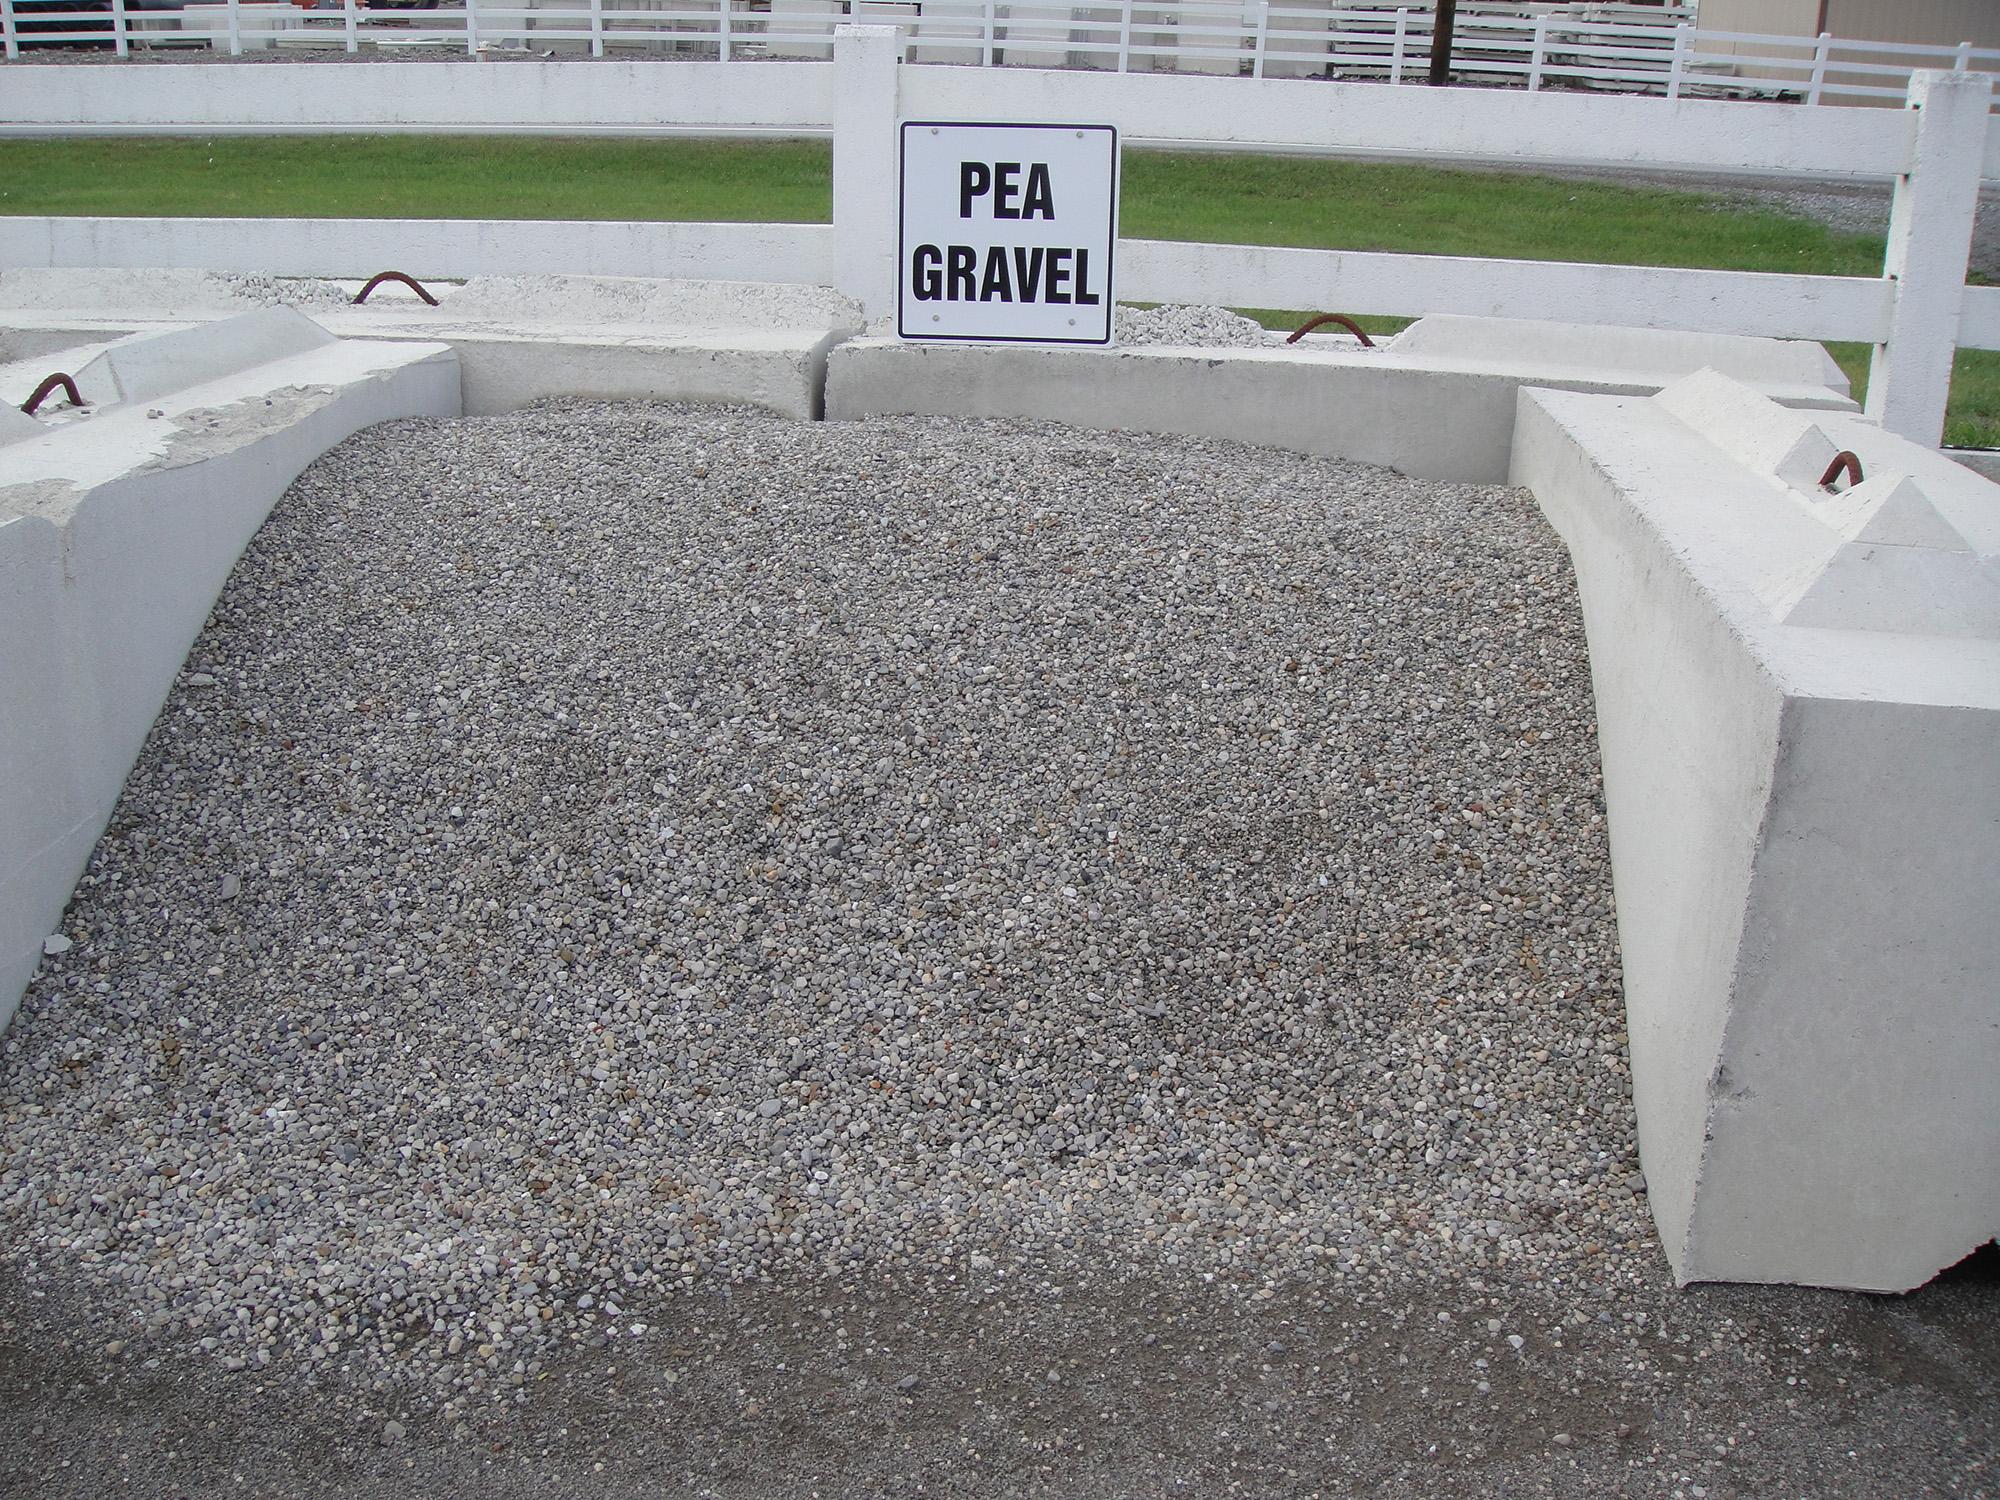 #8 Pea Gravel